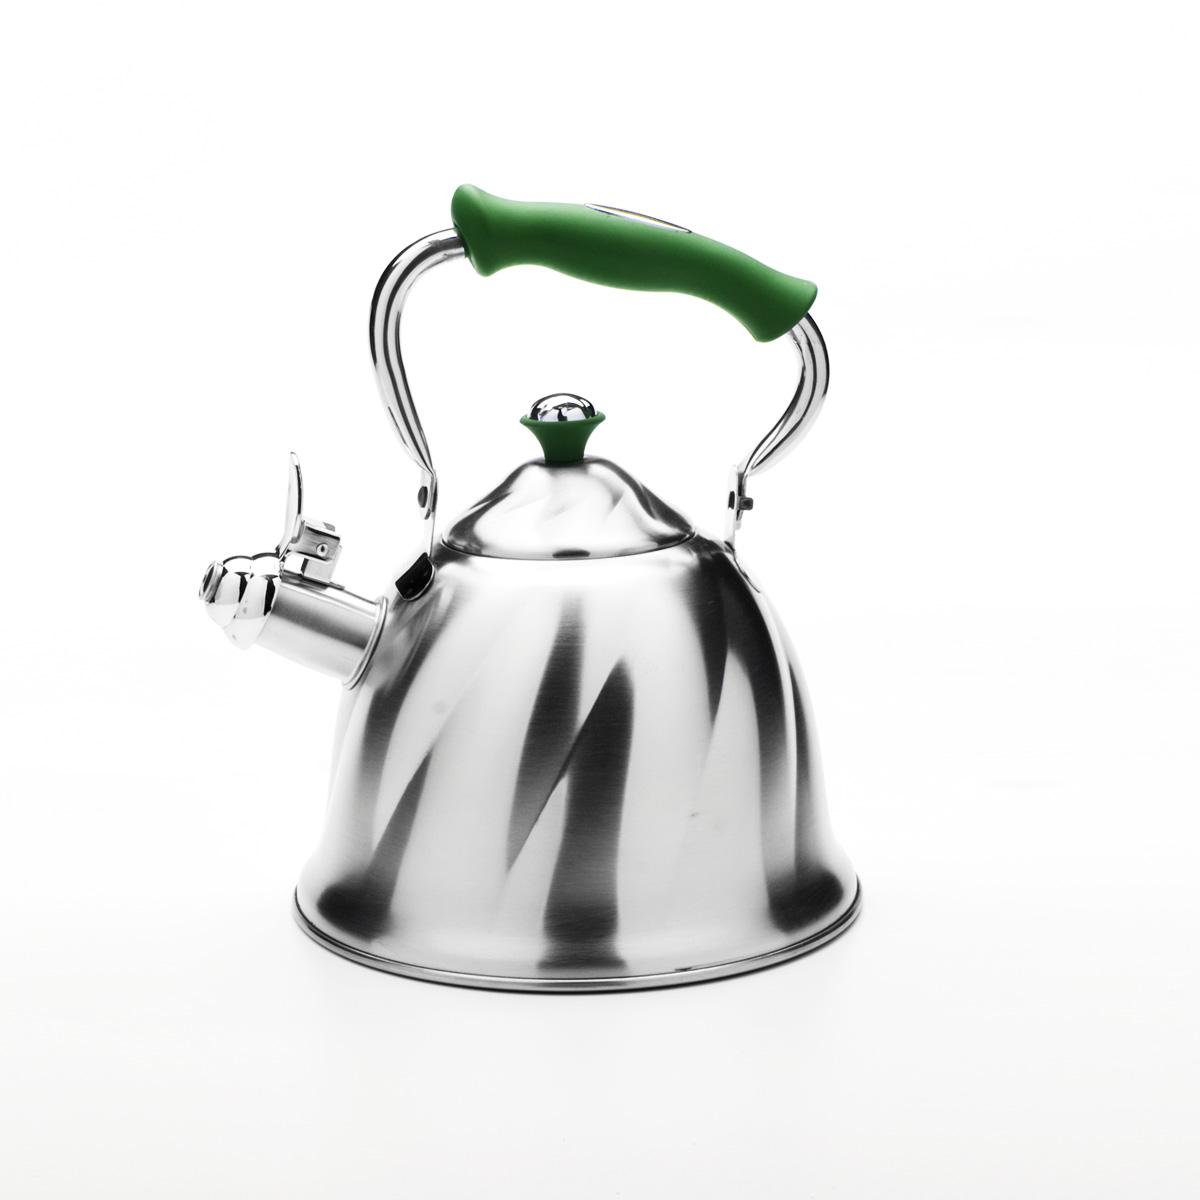 Чайник Mayer & Boch со свистком, цвет: зеленый, 3 л. 2377523775Чайник Mayer & Boch выполнен из высококачественной нержавеющей стали, что обеспечивает долговечность использования. Внешнее матовое покрытие придает приятный внешний вид. Фиксированная ручка из бакелита делает использование чайника очень удобным и безопасным. Чайник снабжен свистком и устройством для открывания носика. Можно мыть в посудомоечной машине. Пригоден для всех видов плит, кроме индукционных. Высота чайника (без учета крышки и ручки): 13 см. Диаметр основания: 21 см.